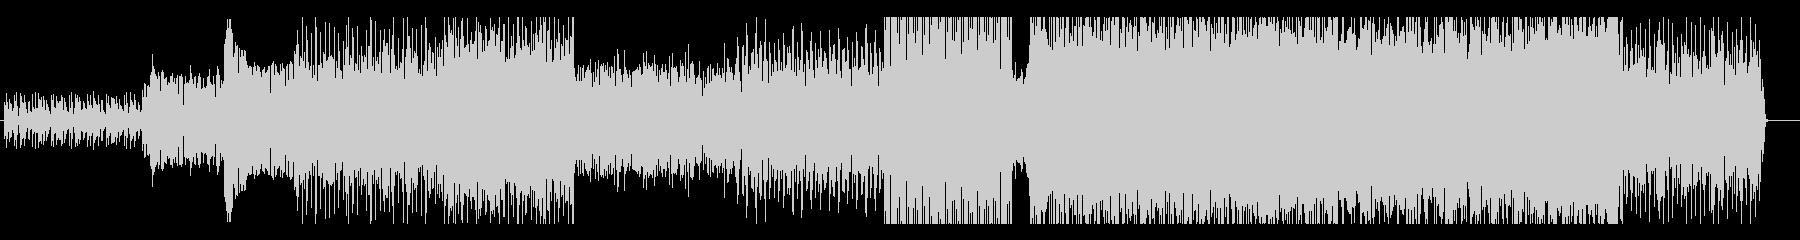 おしゃれでリズミカルなループ系BGMの未再生の波形